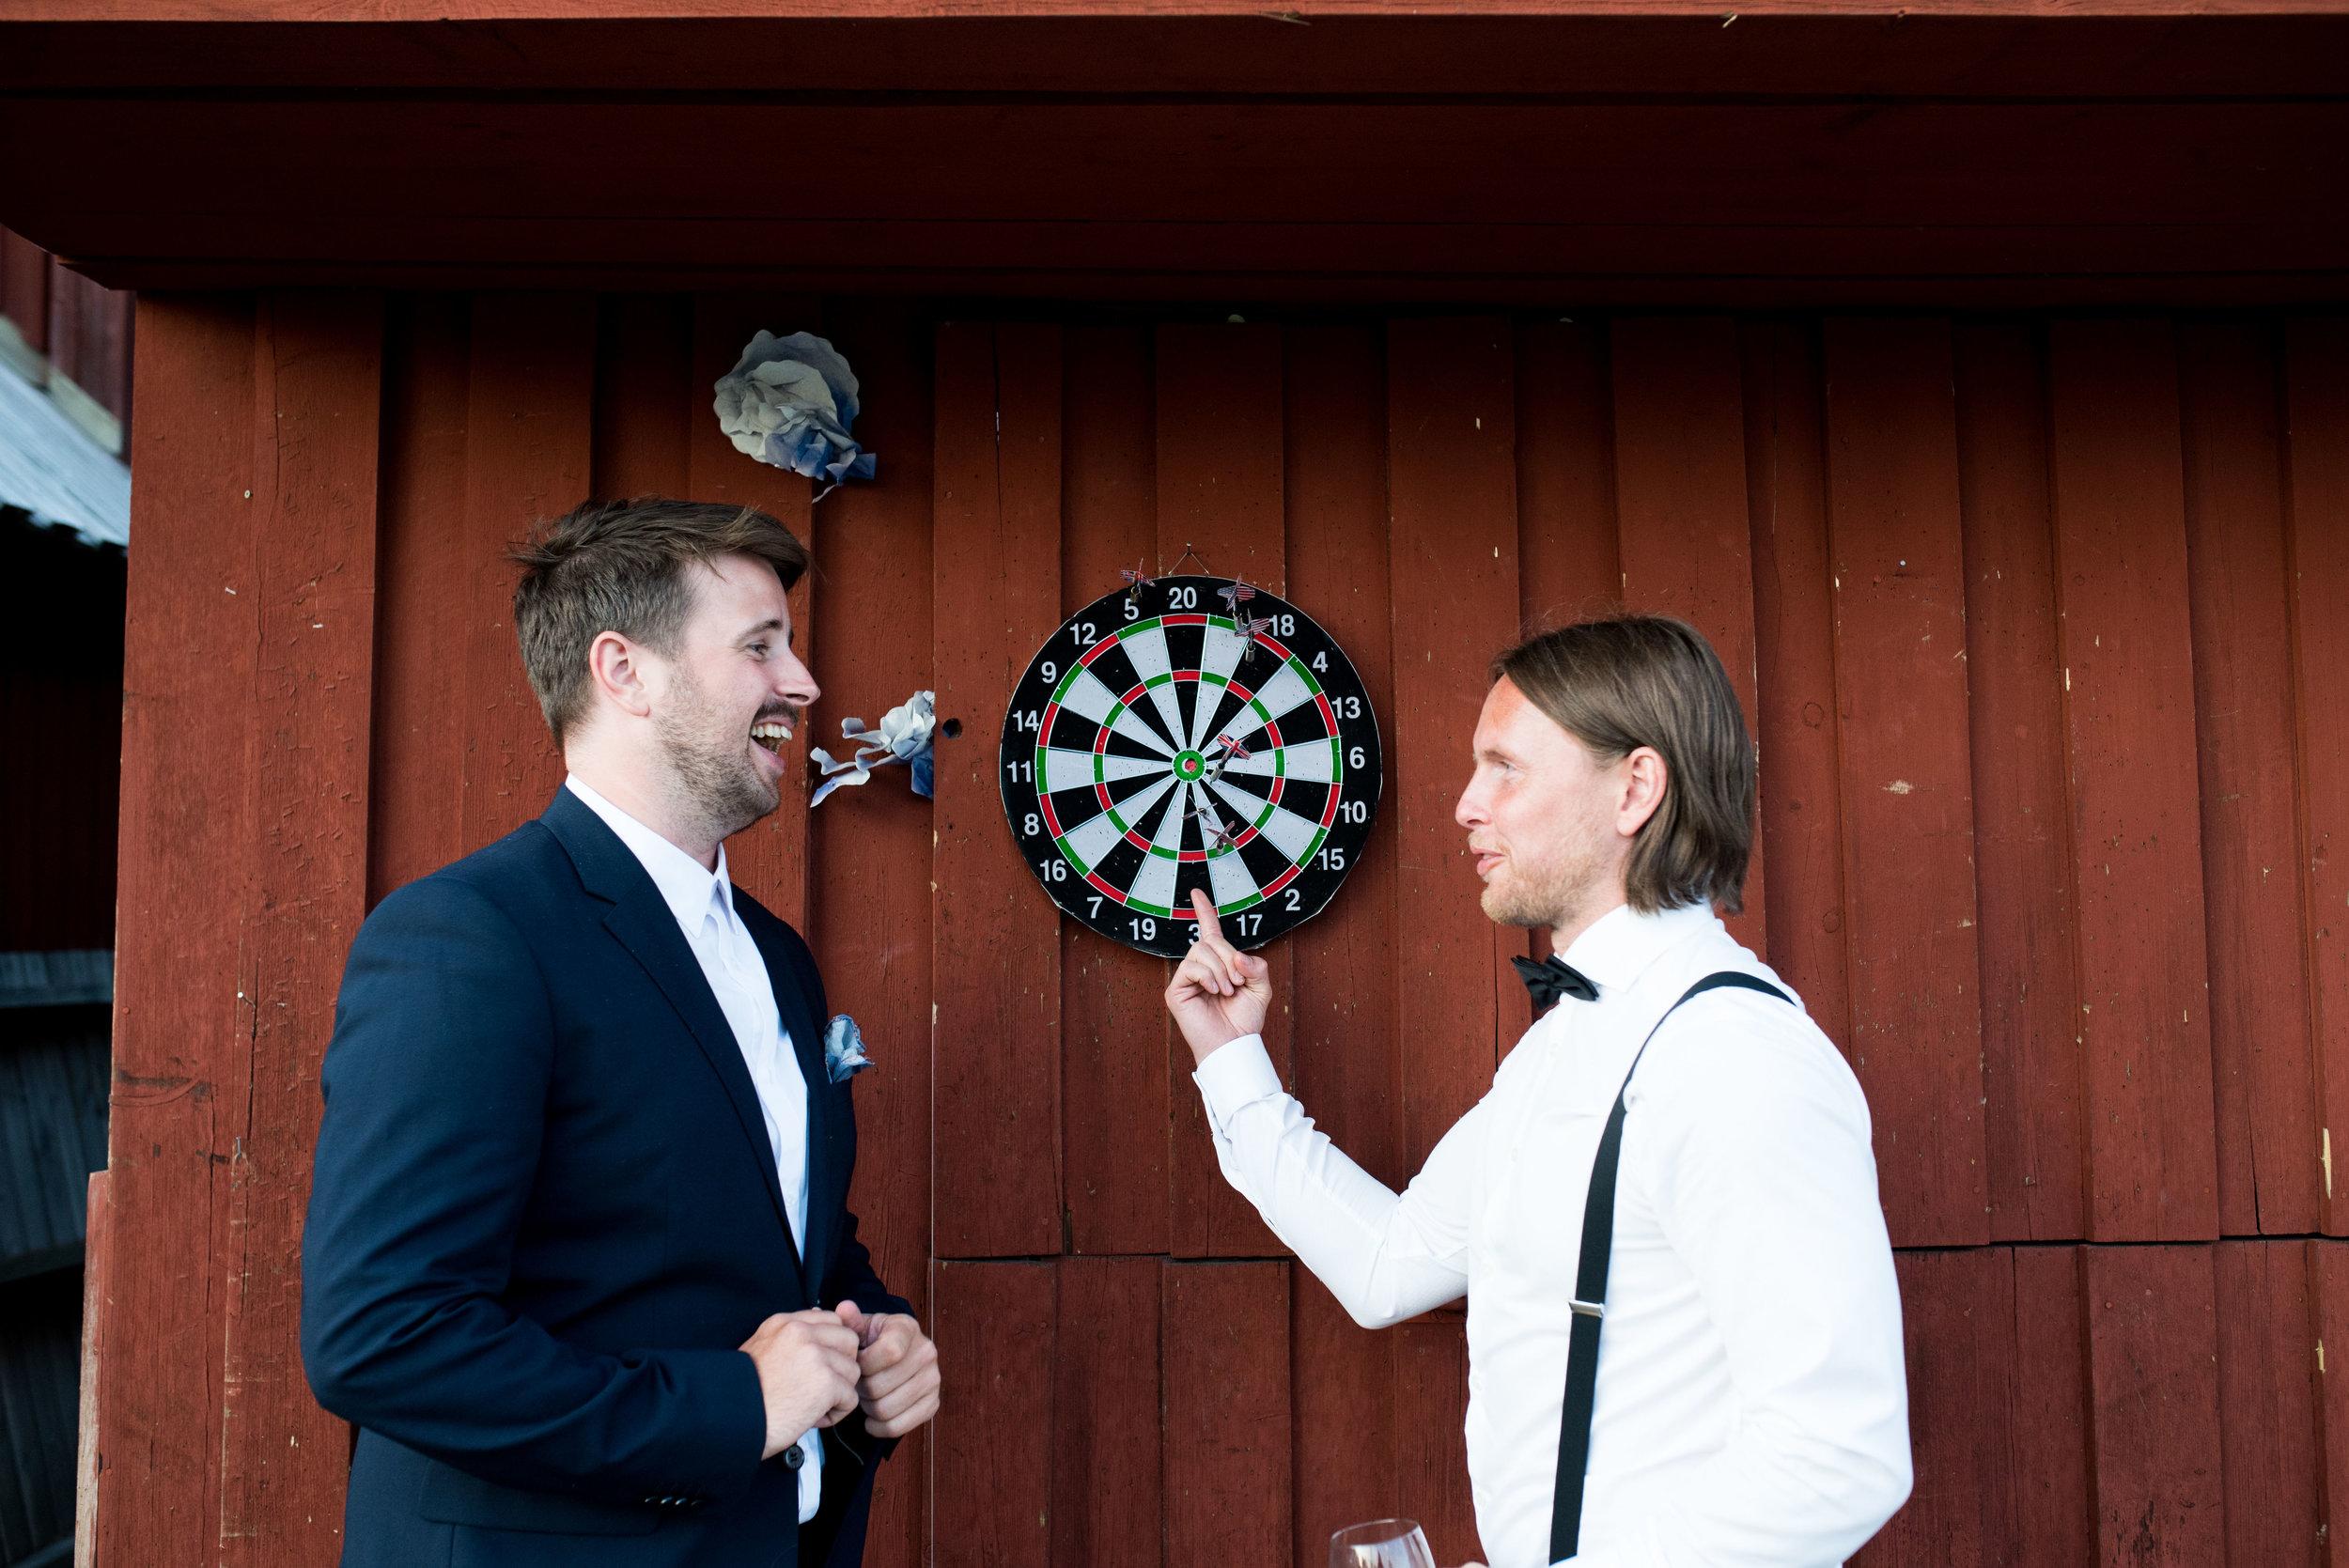 Bröllop2019lågkvall2-6324.jpg